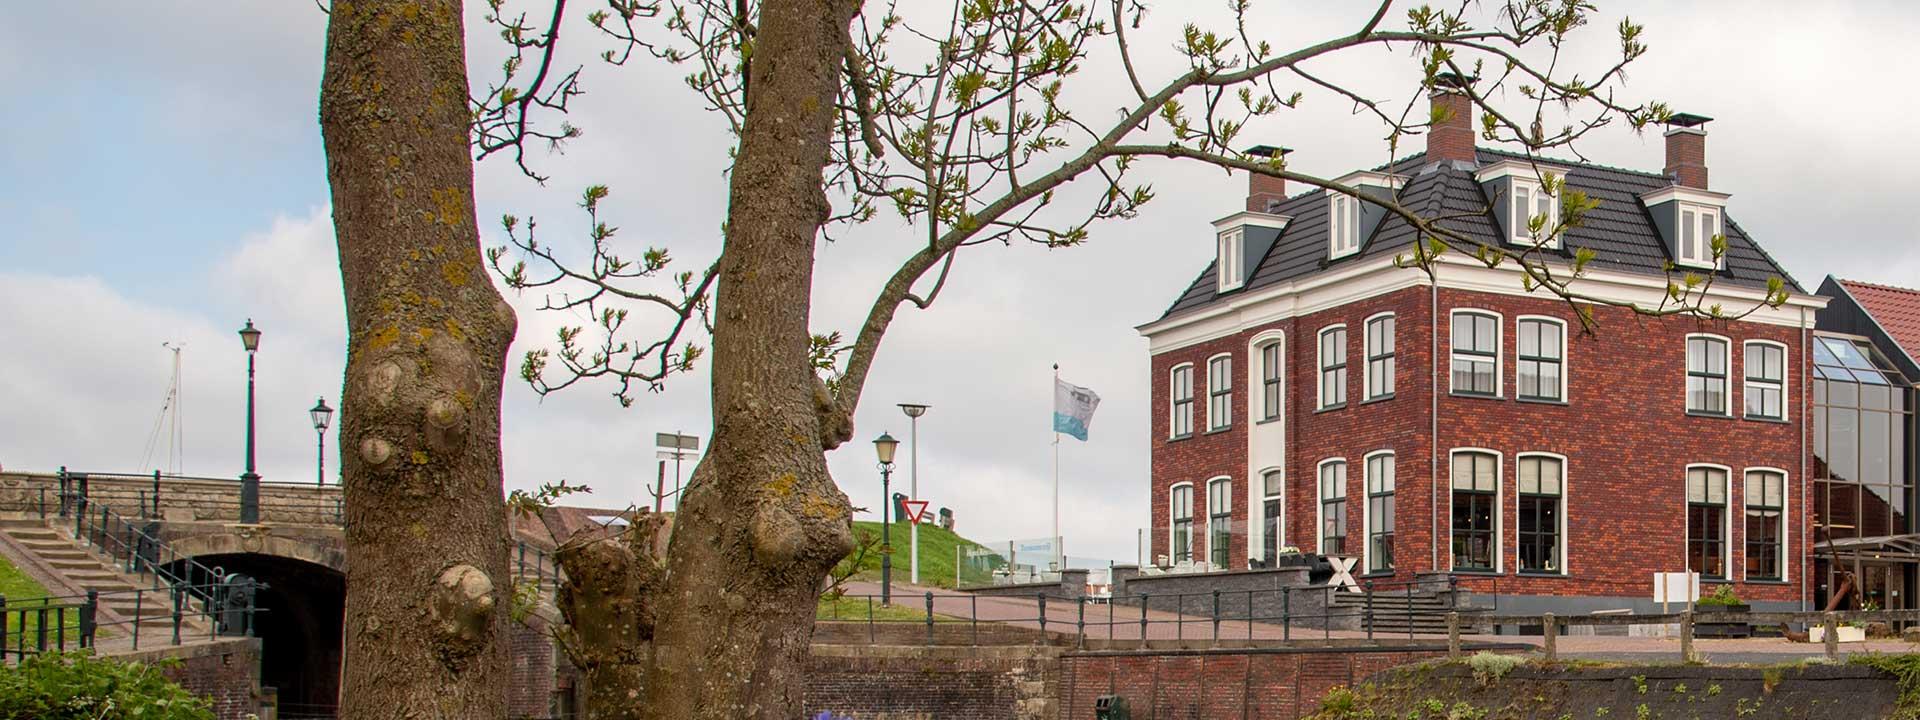 Hotel Restaurant Termunterzijl Delfzijl Groningen hero home